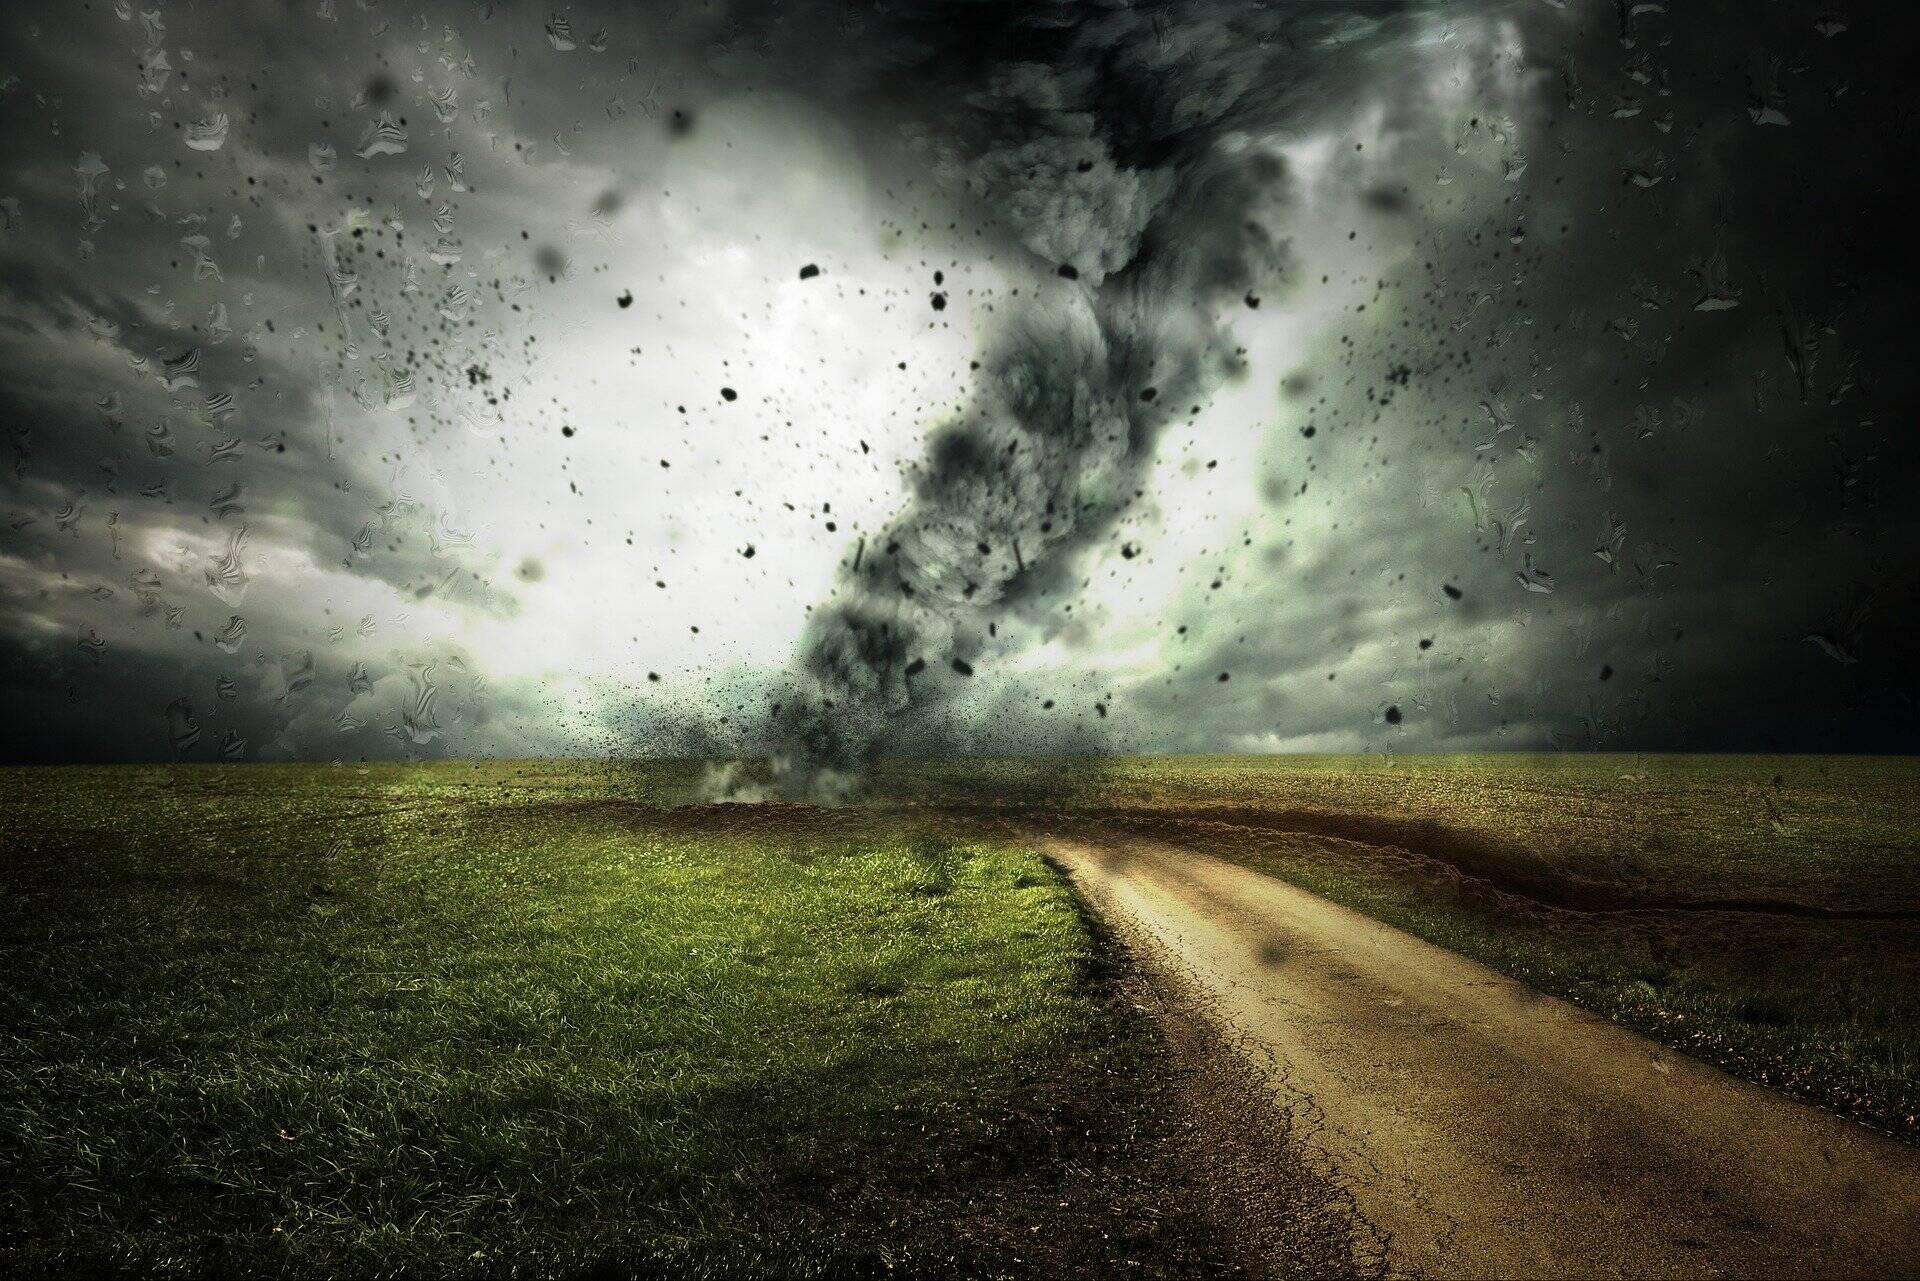 Os danos causados por ventos fortes do furacão podem ser vistos em todos os lugares (Foto: Pixabay)